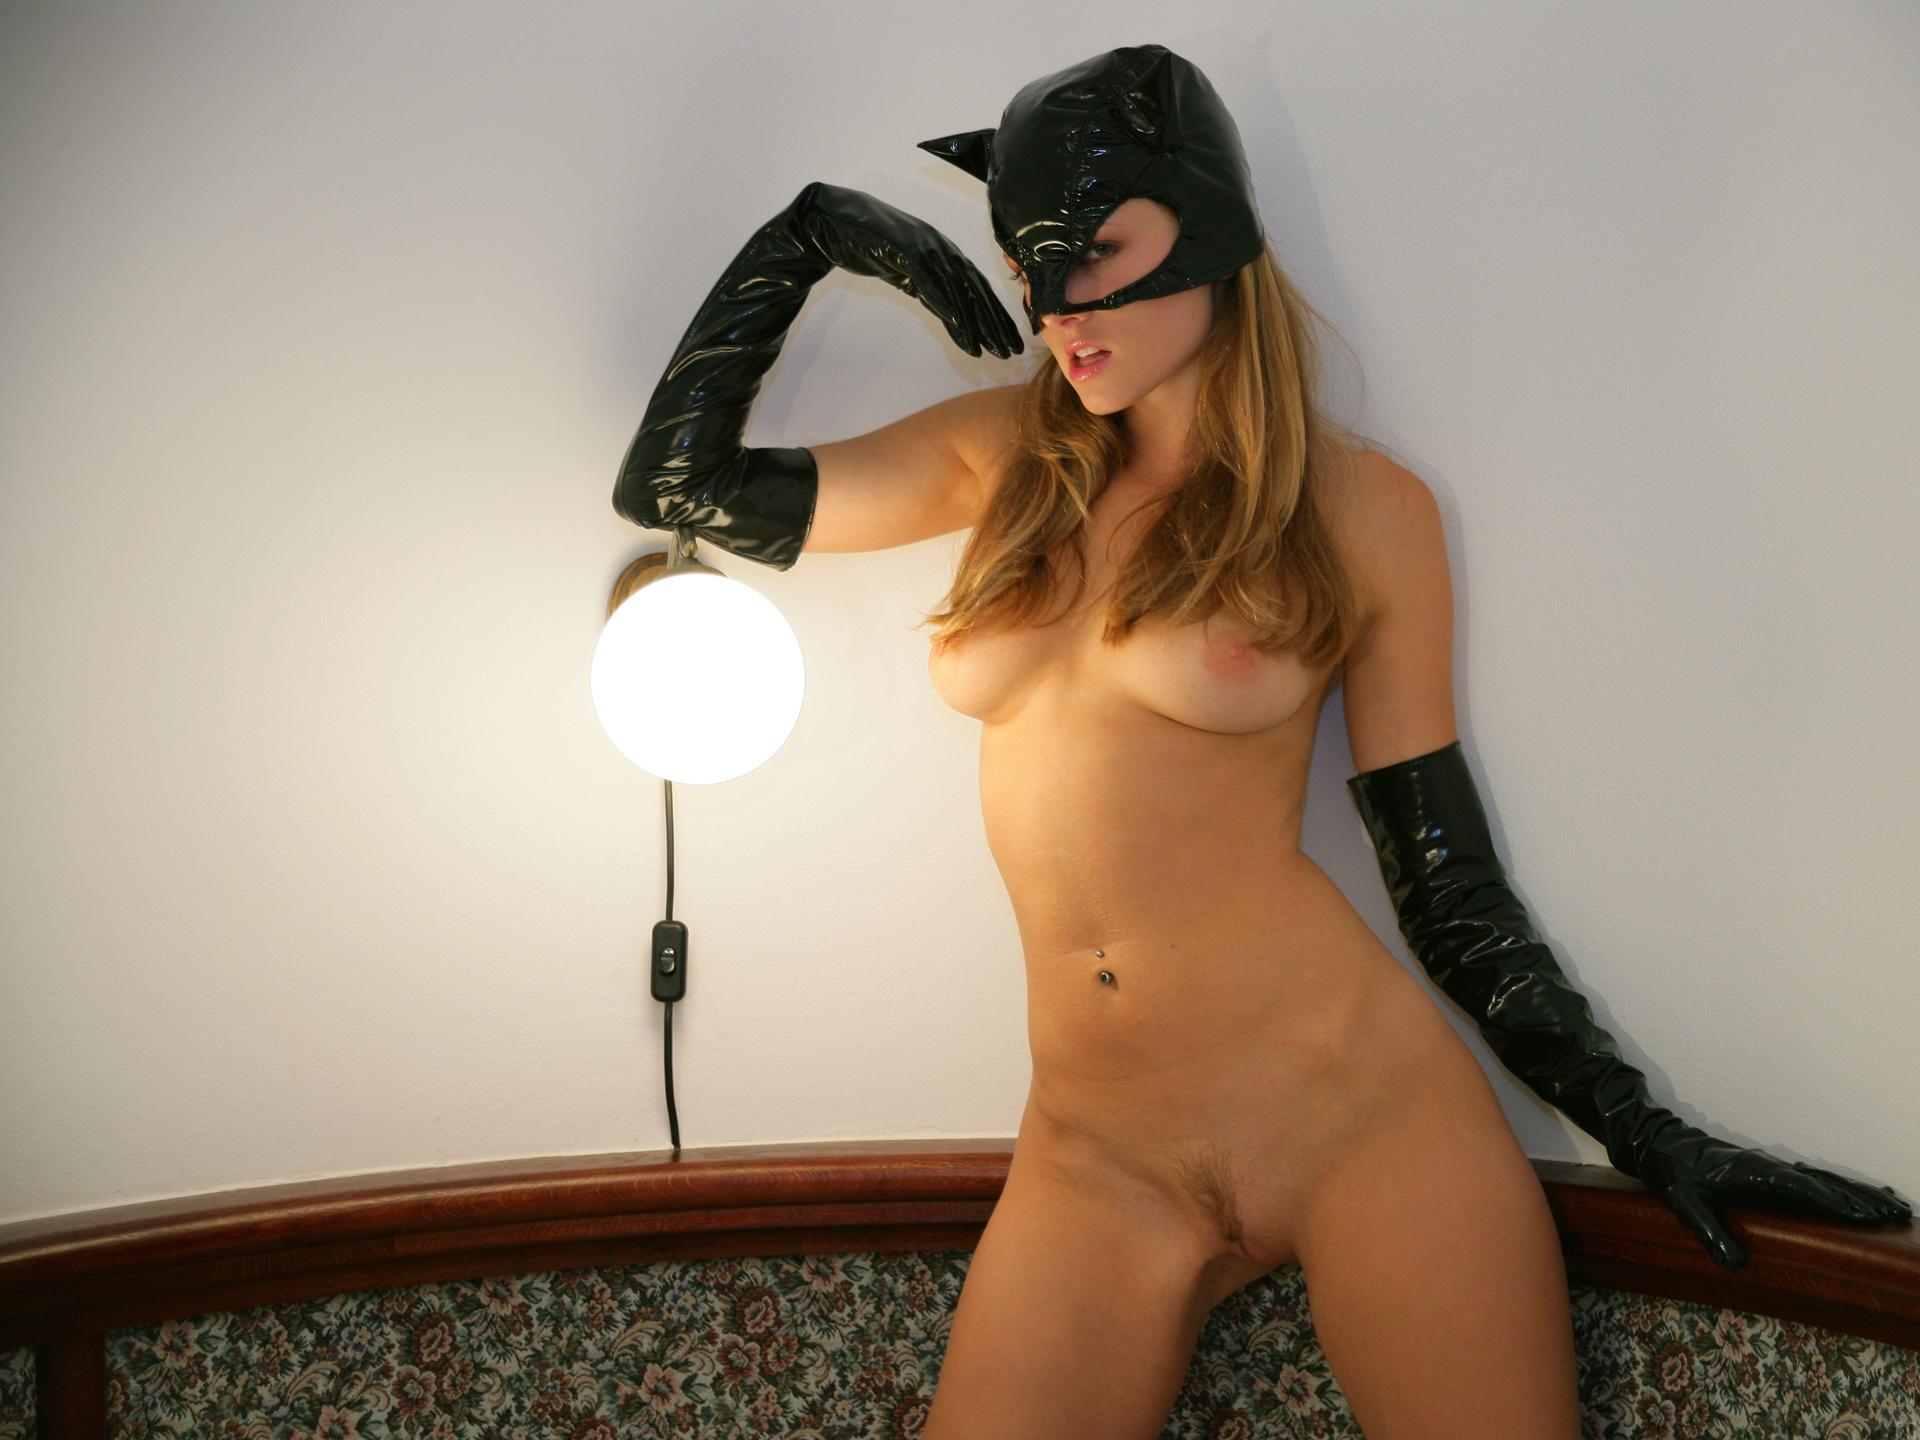 Фото обнажённой женщины в маске 5 фотография